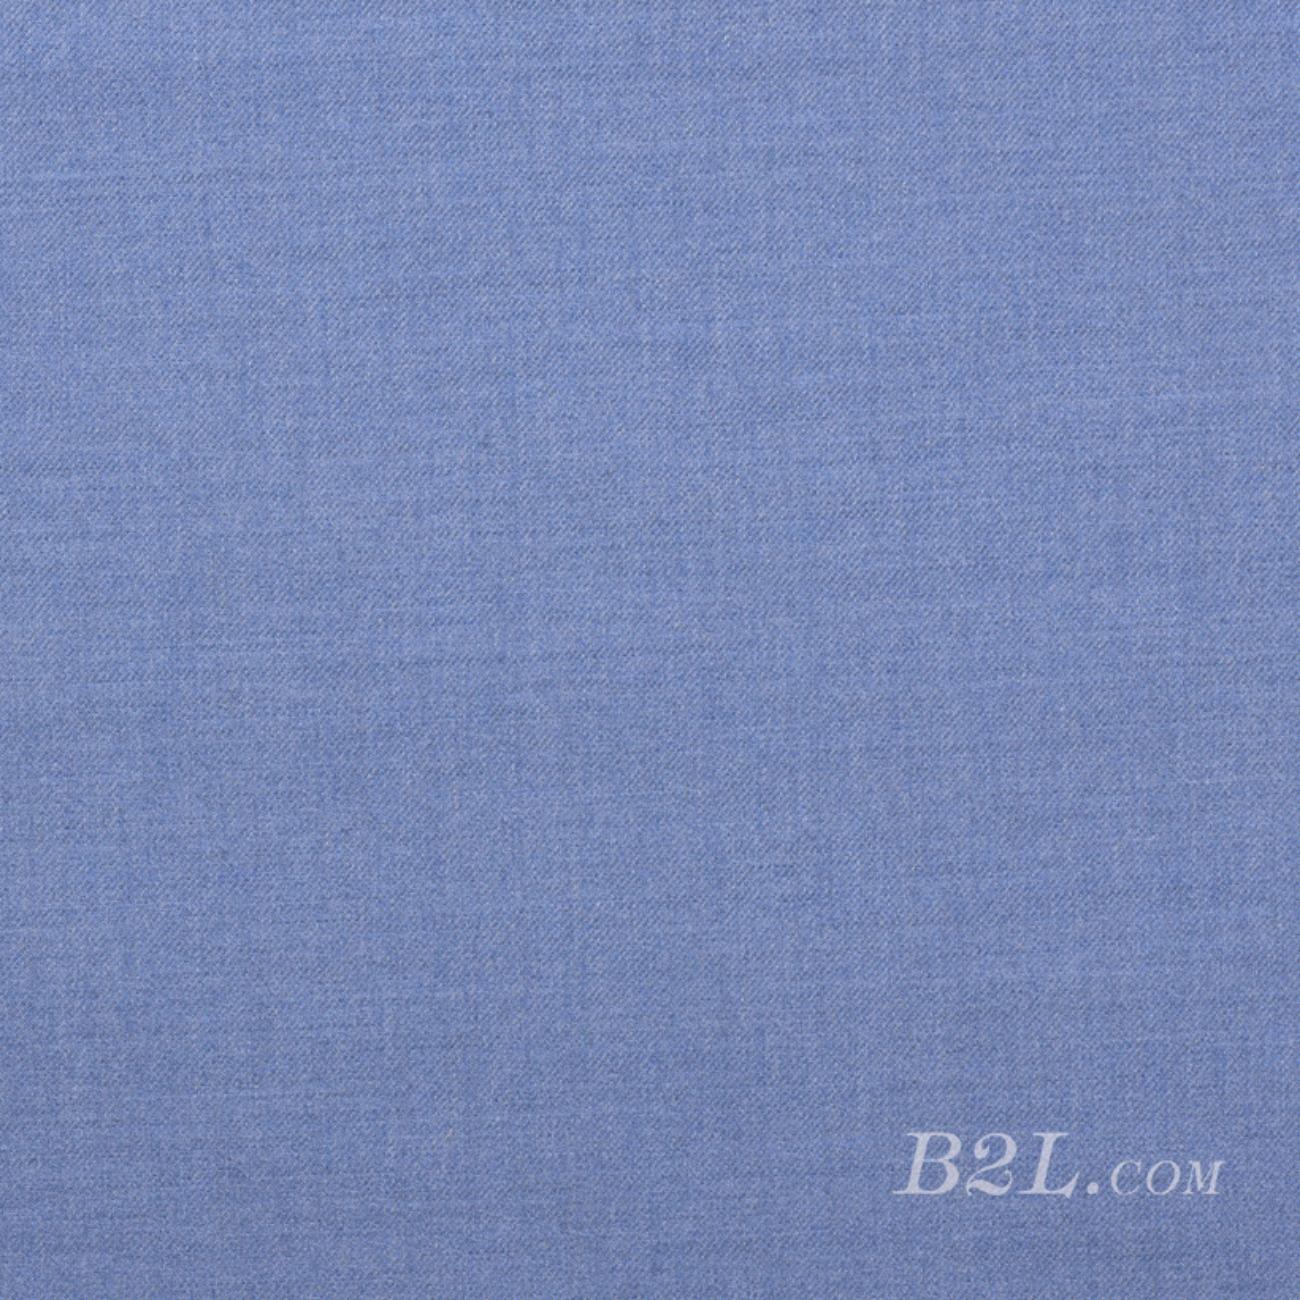 梭织染色素色面料-春秋西装裤装职业装面料91019-12